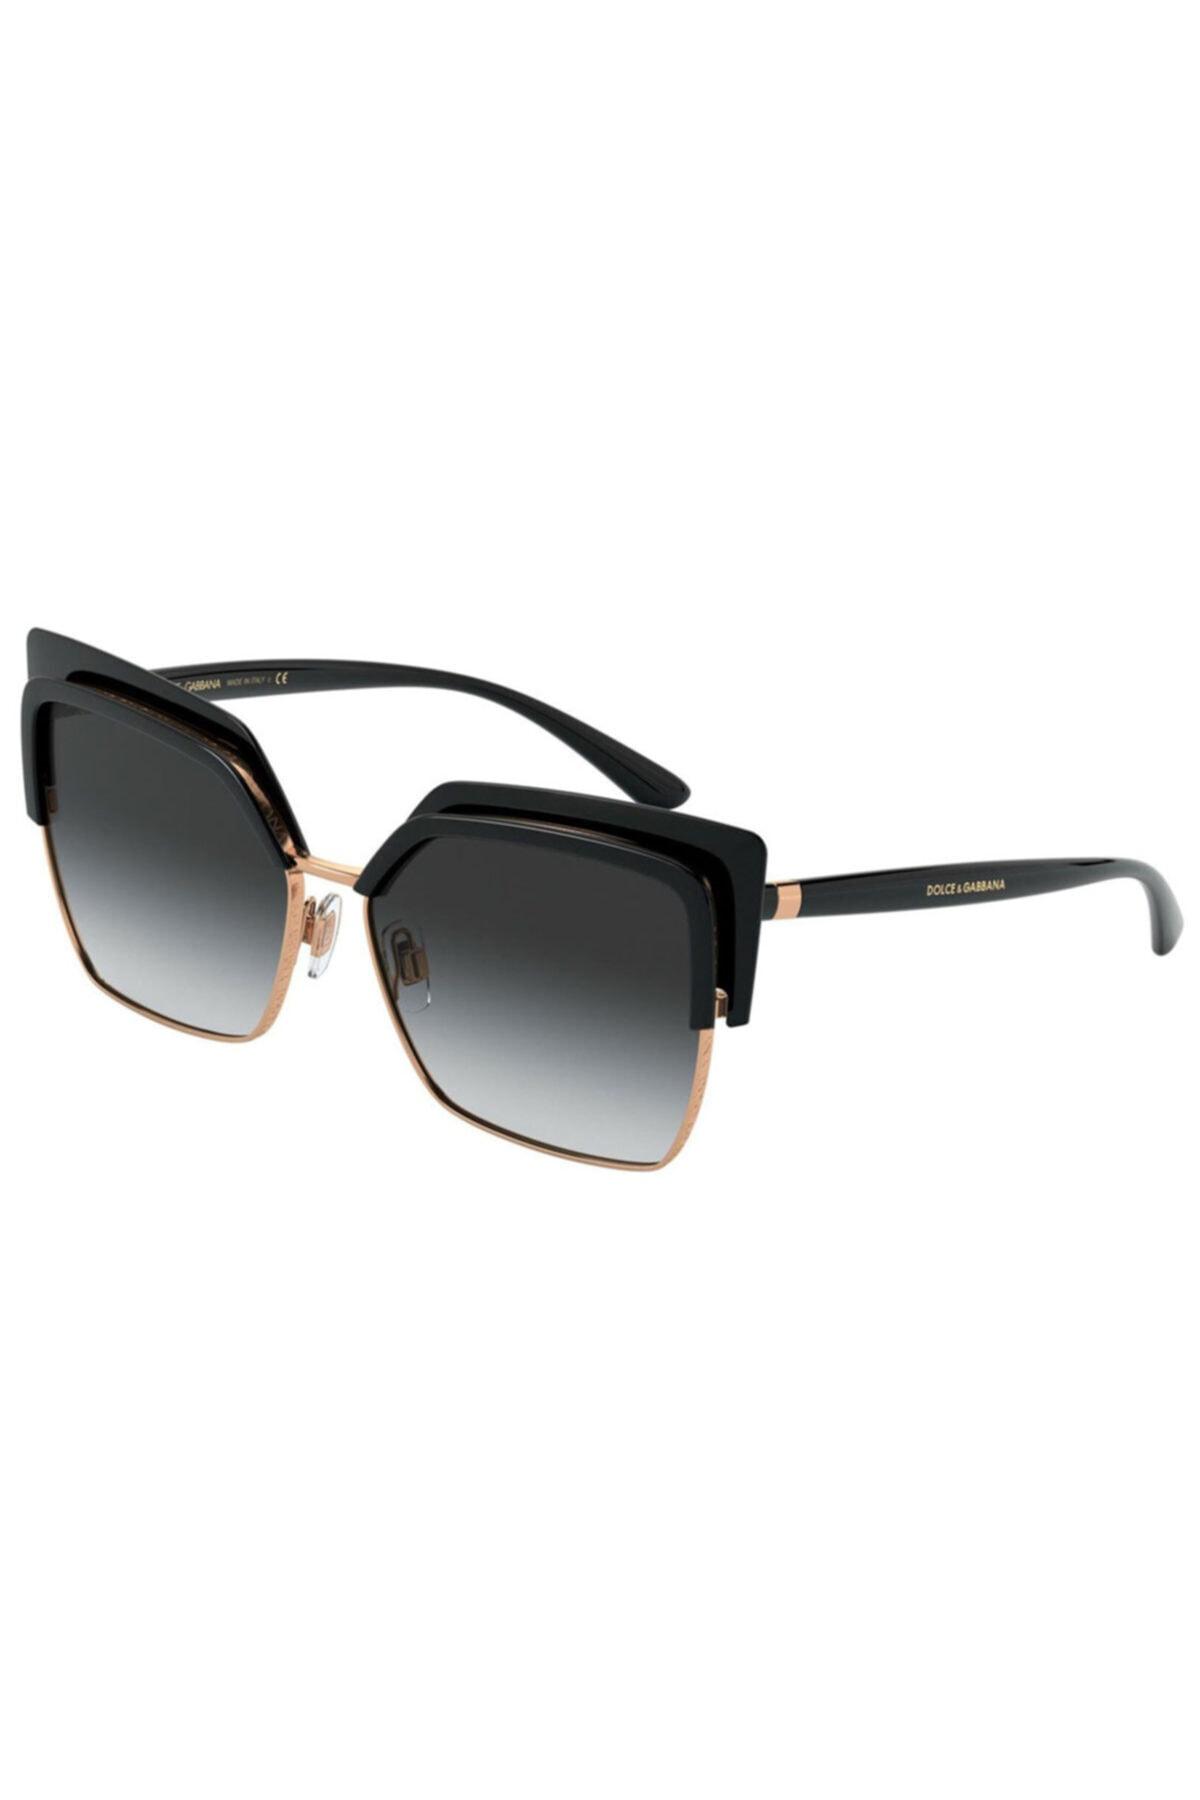 Dolce Gabbana Dg6126 501/8g 60 Bayan Güneş Gözlüğü 1